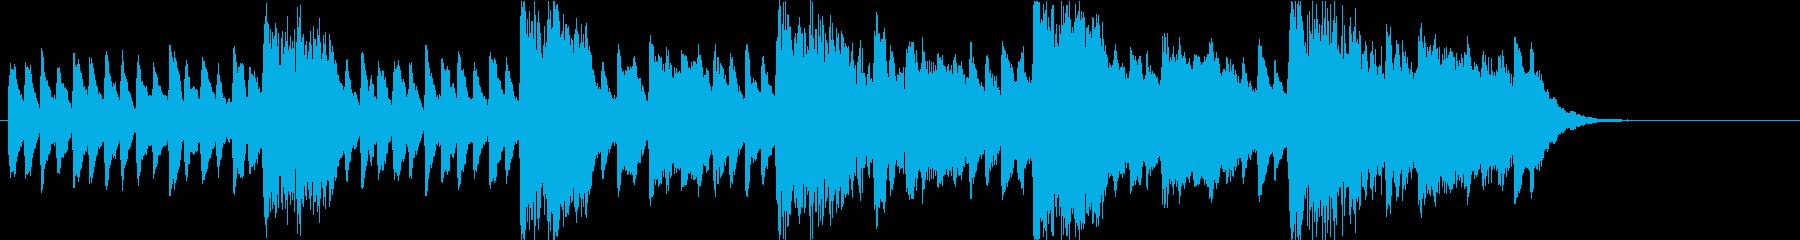 チェレスタで奏でるスリリングなサウンドの再生済みの波形